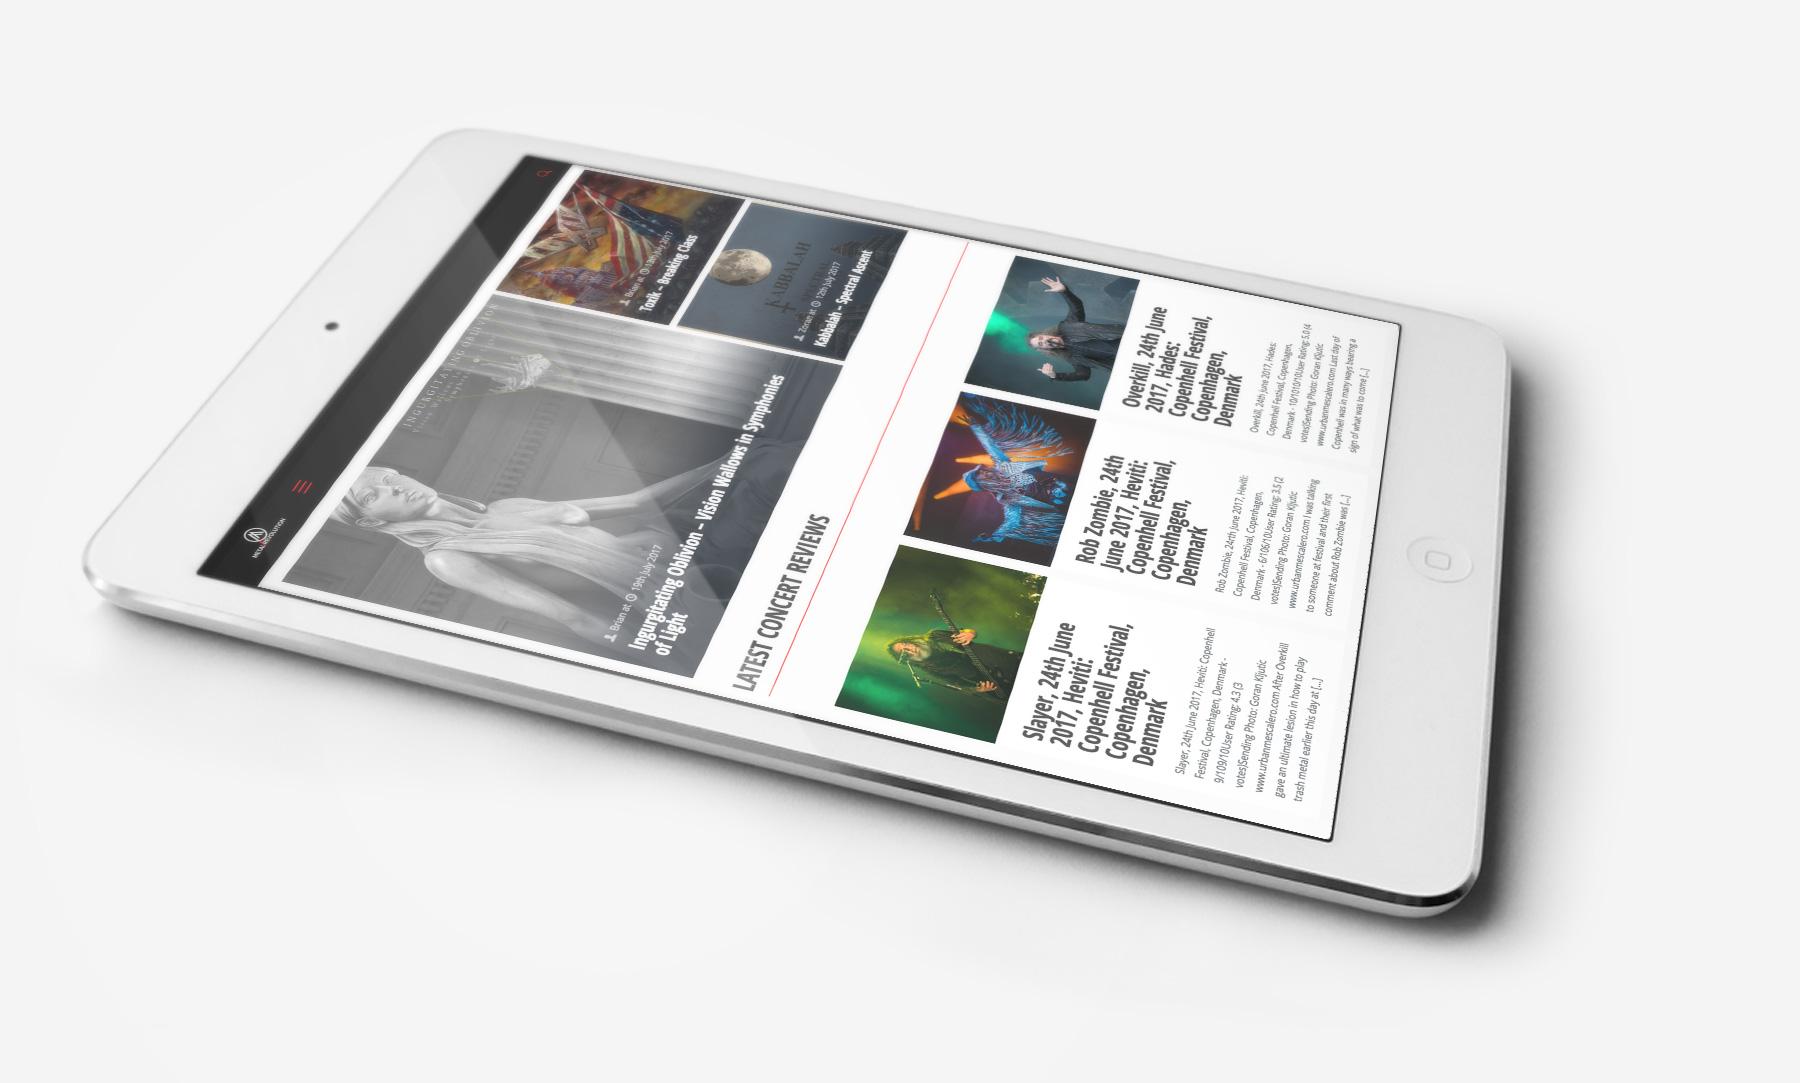 Metal Revolution: Tablet